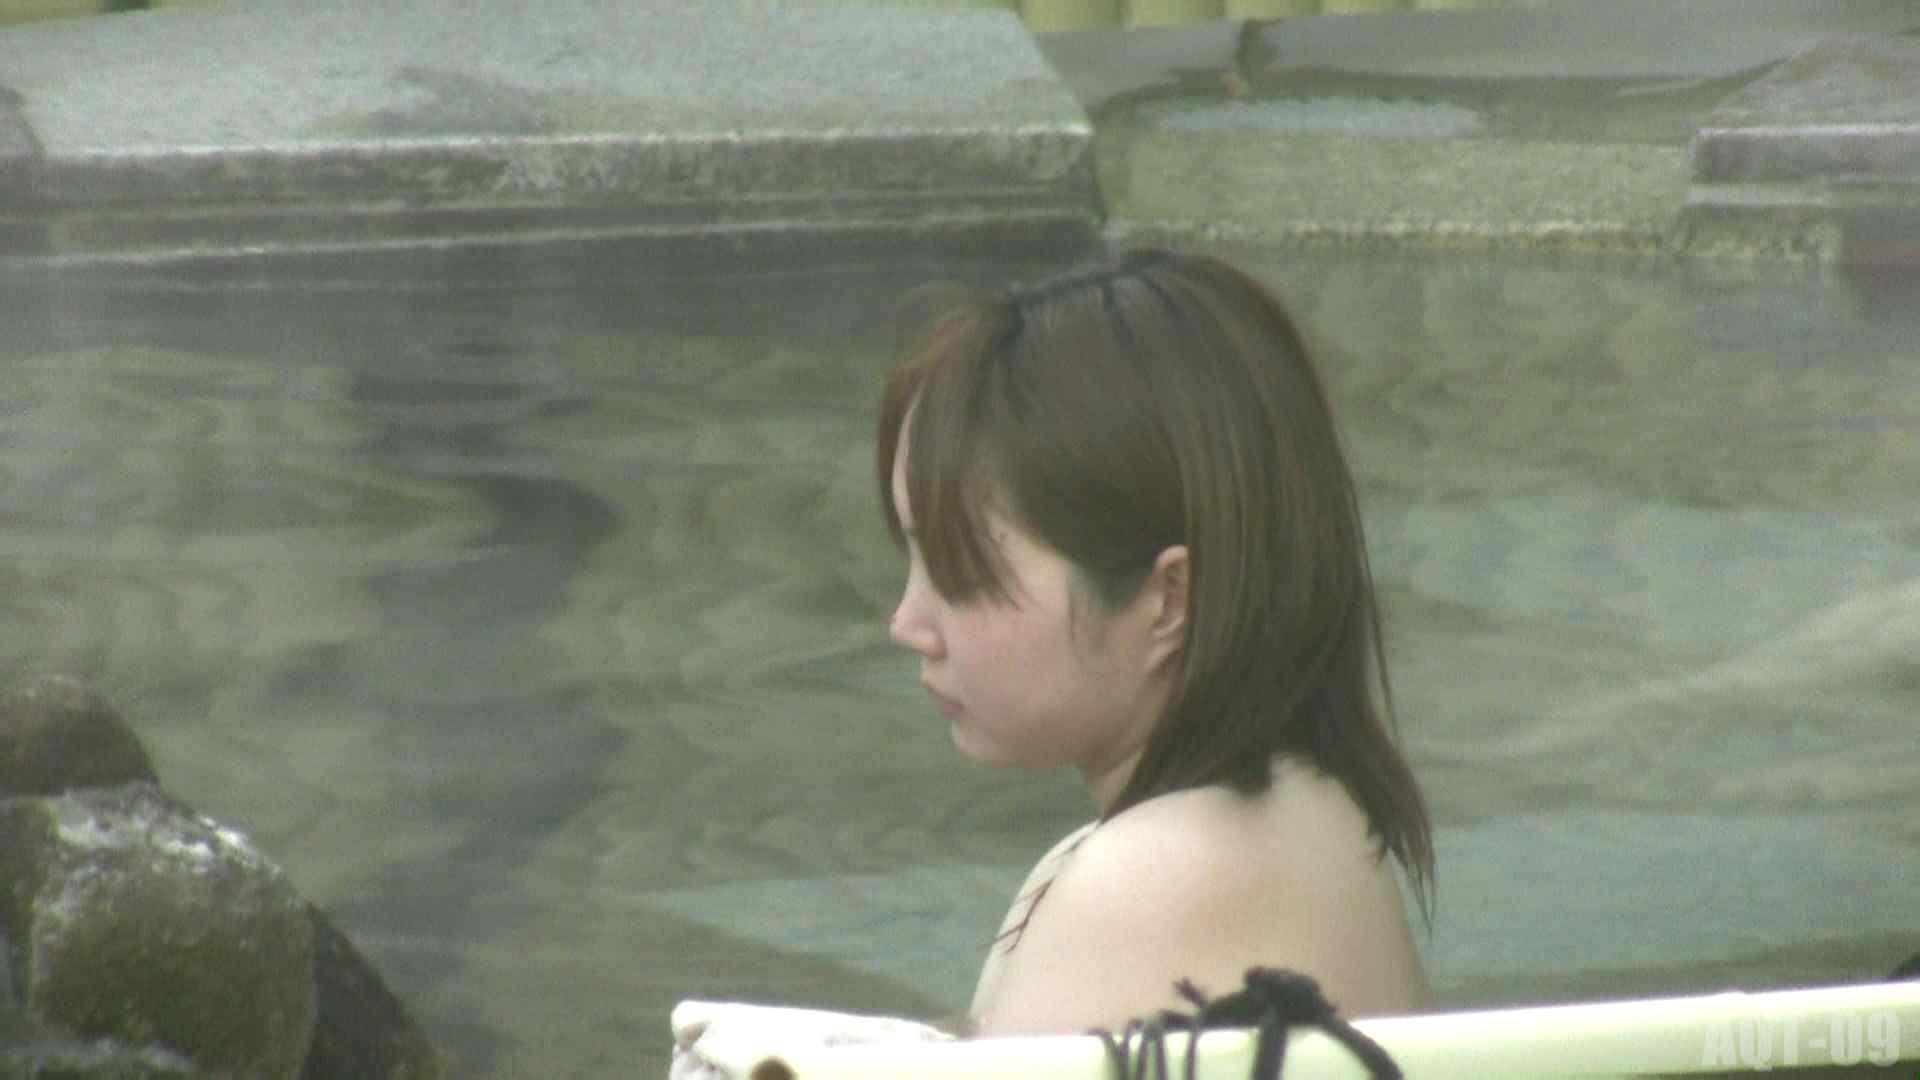 Aquaな露天風呂Vol.781 盗撮  110画像 39